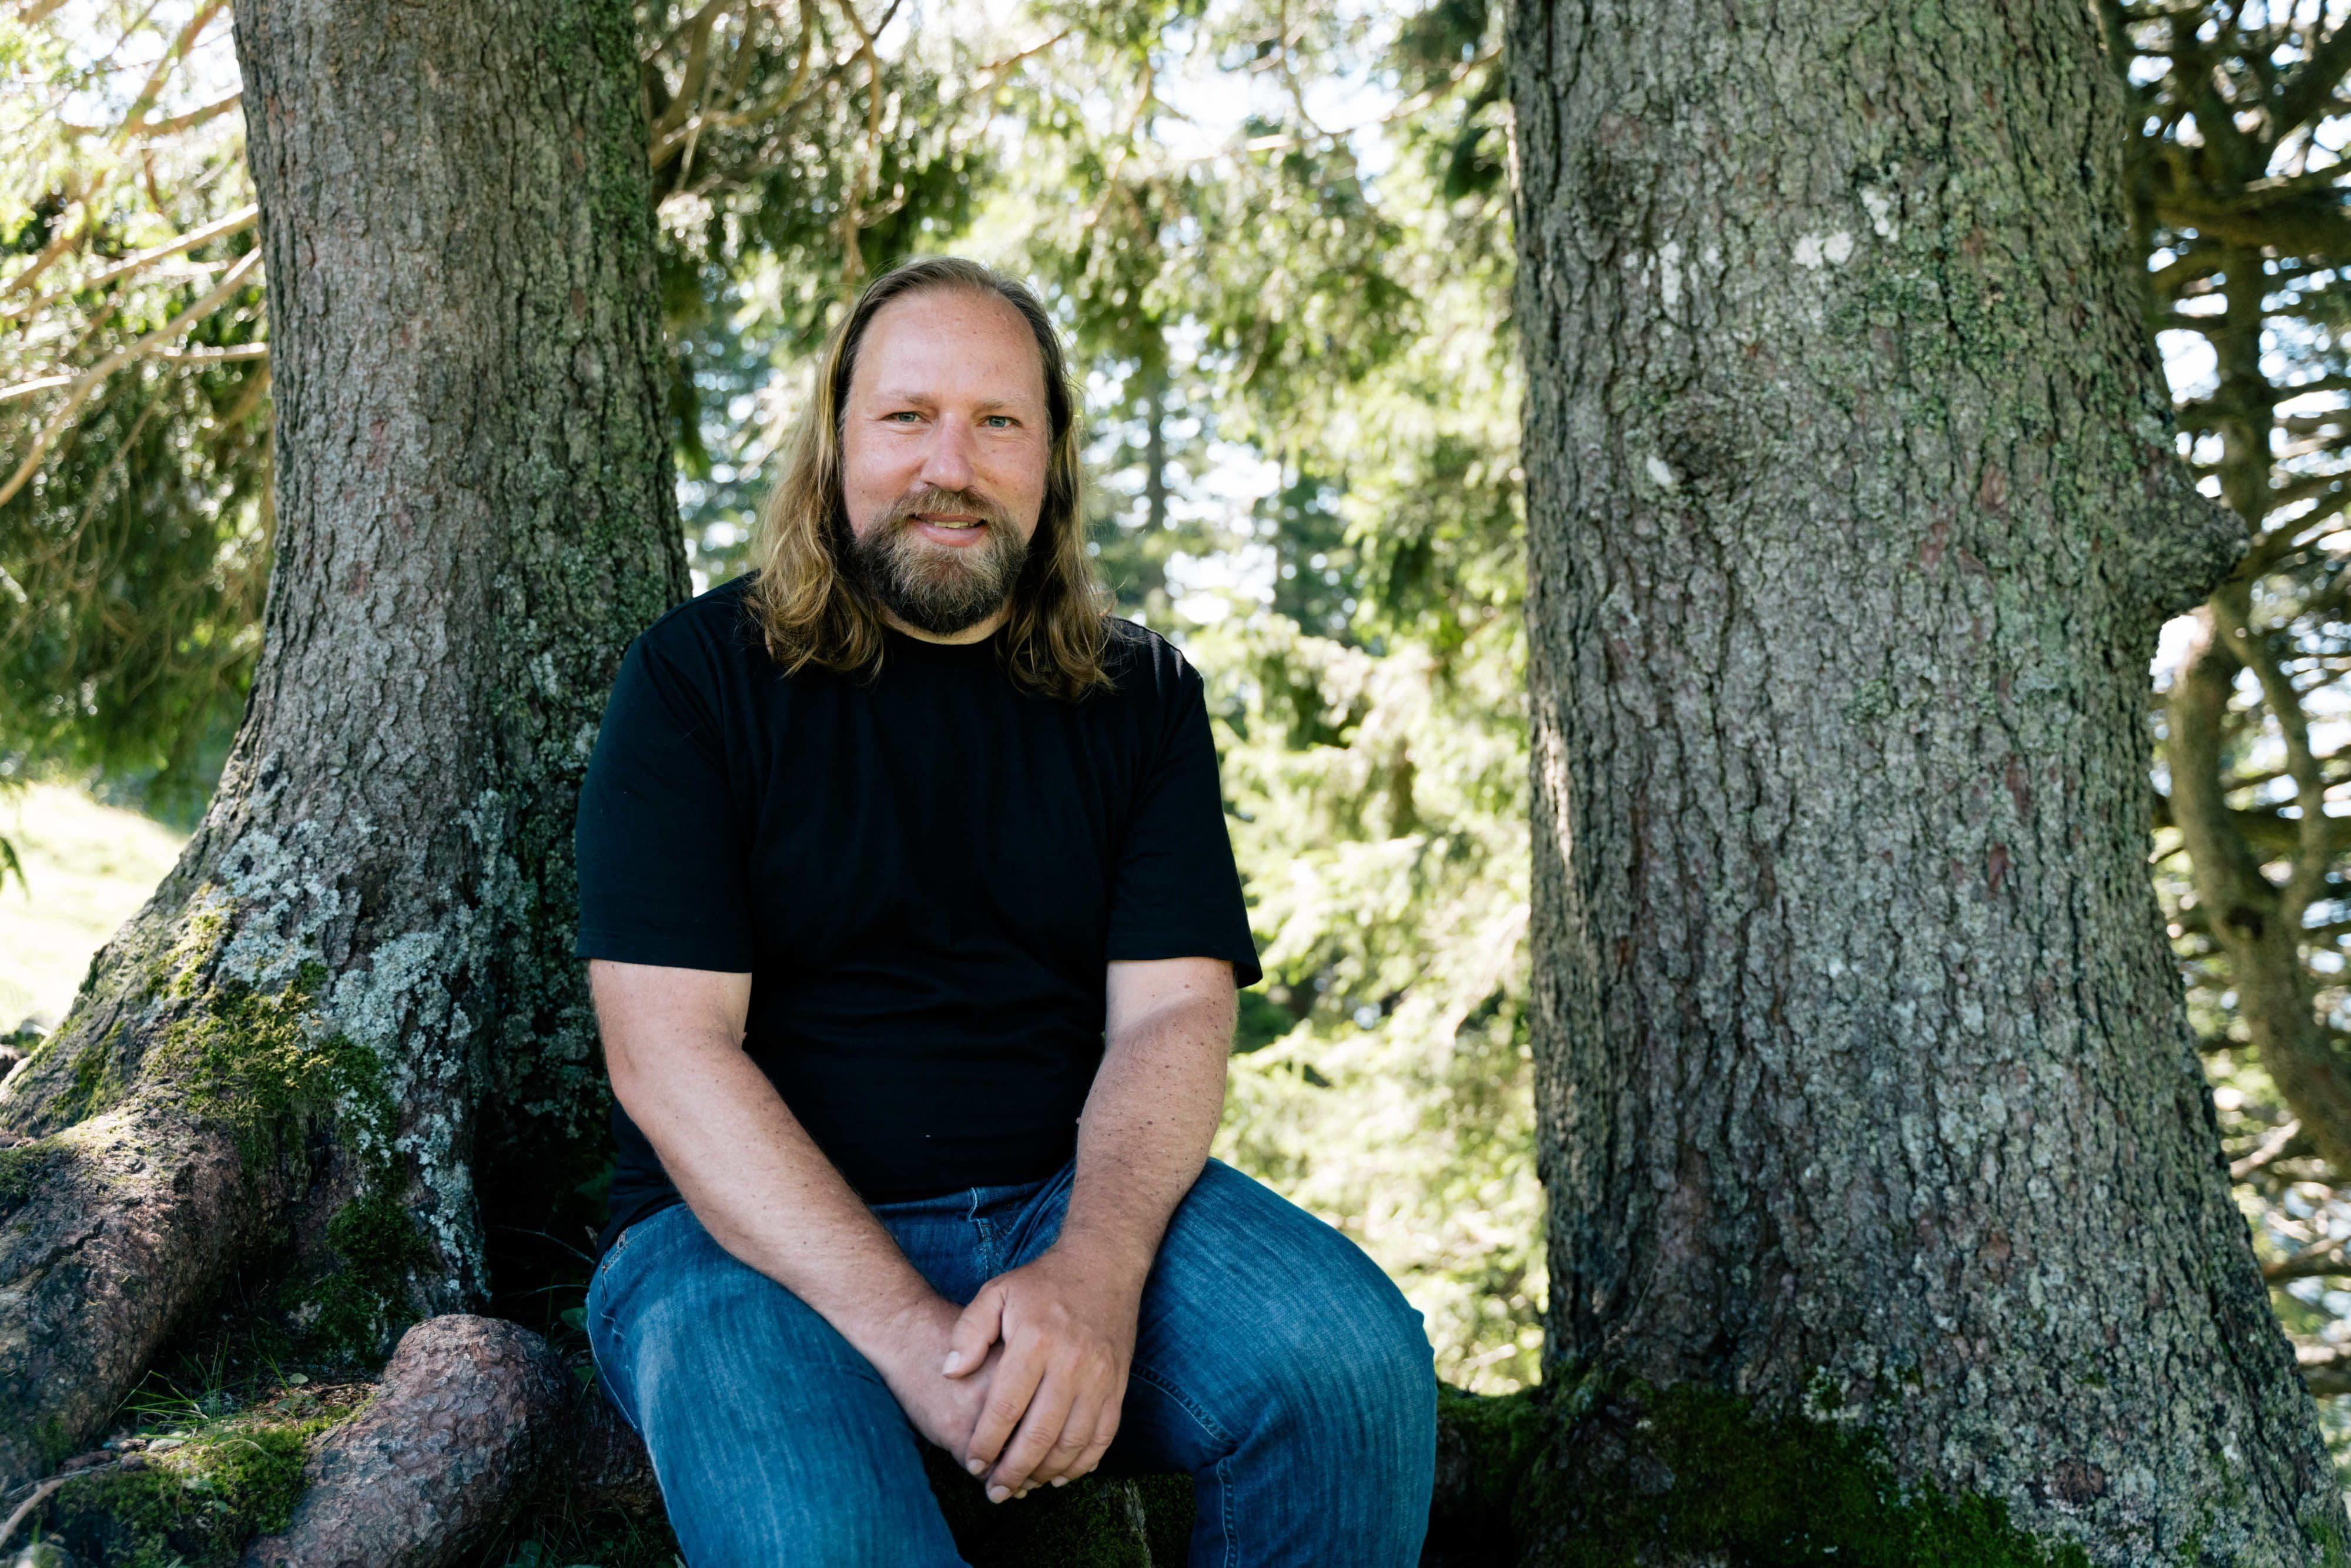 Anton Hofreiter sitzend vor zwei Bäumen in der Natur